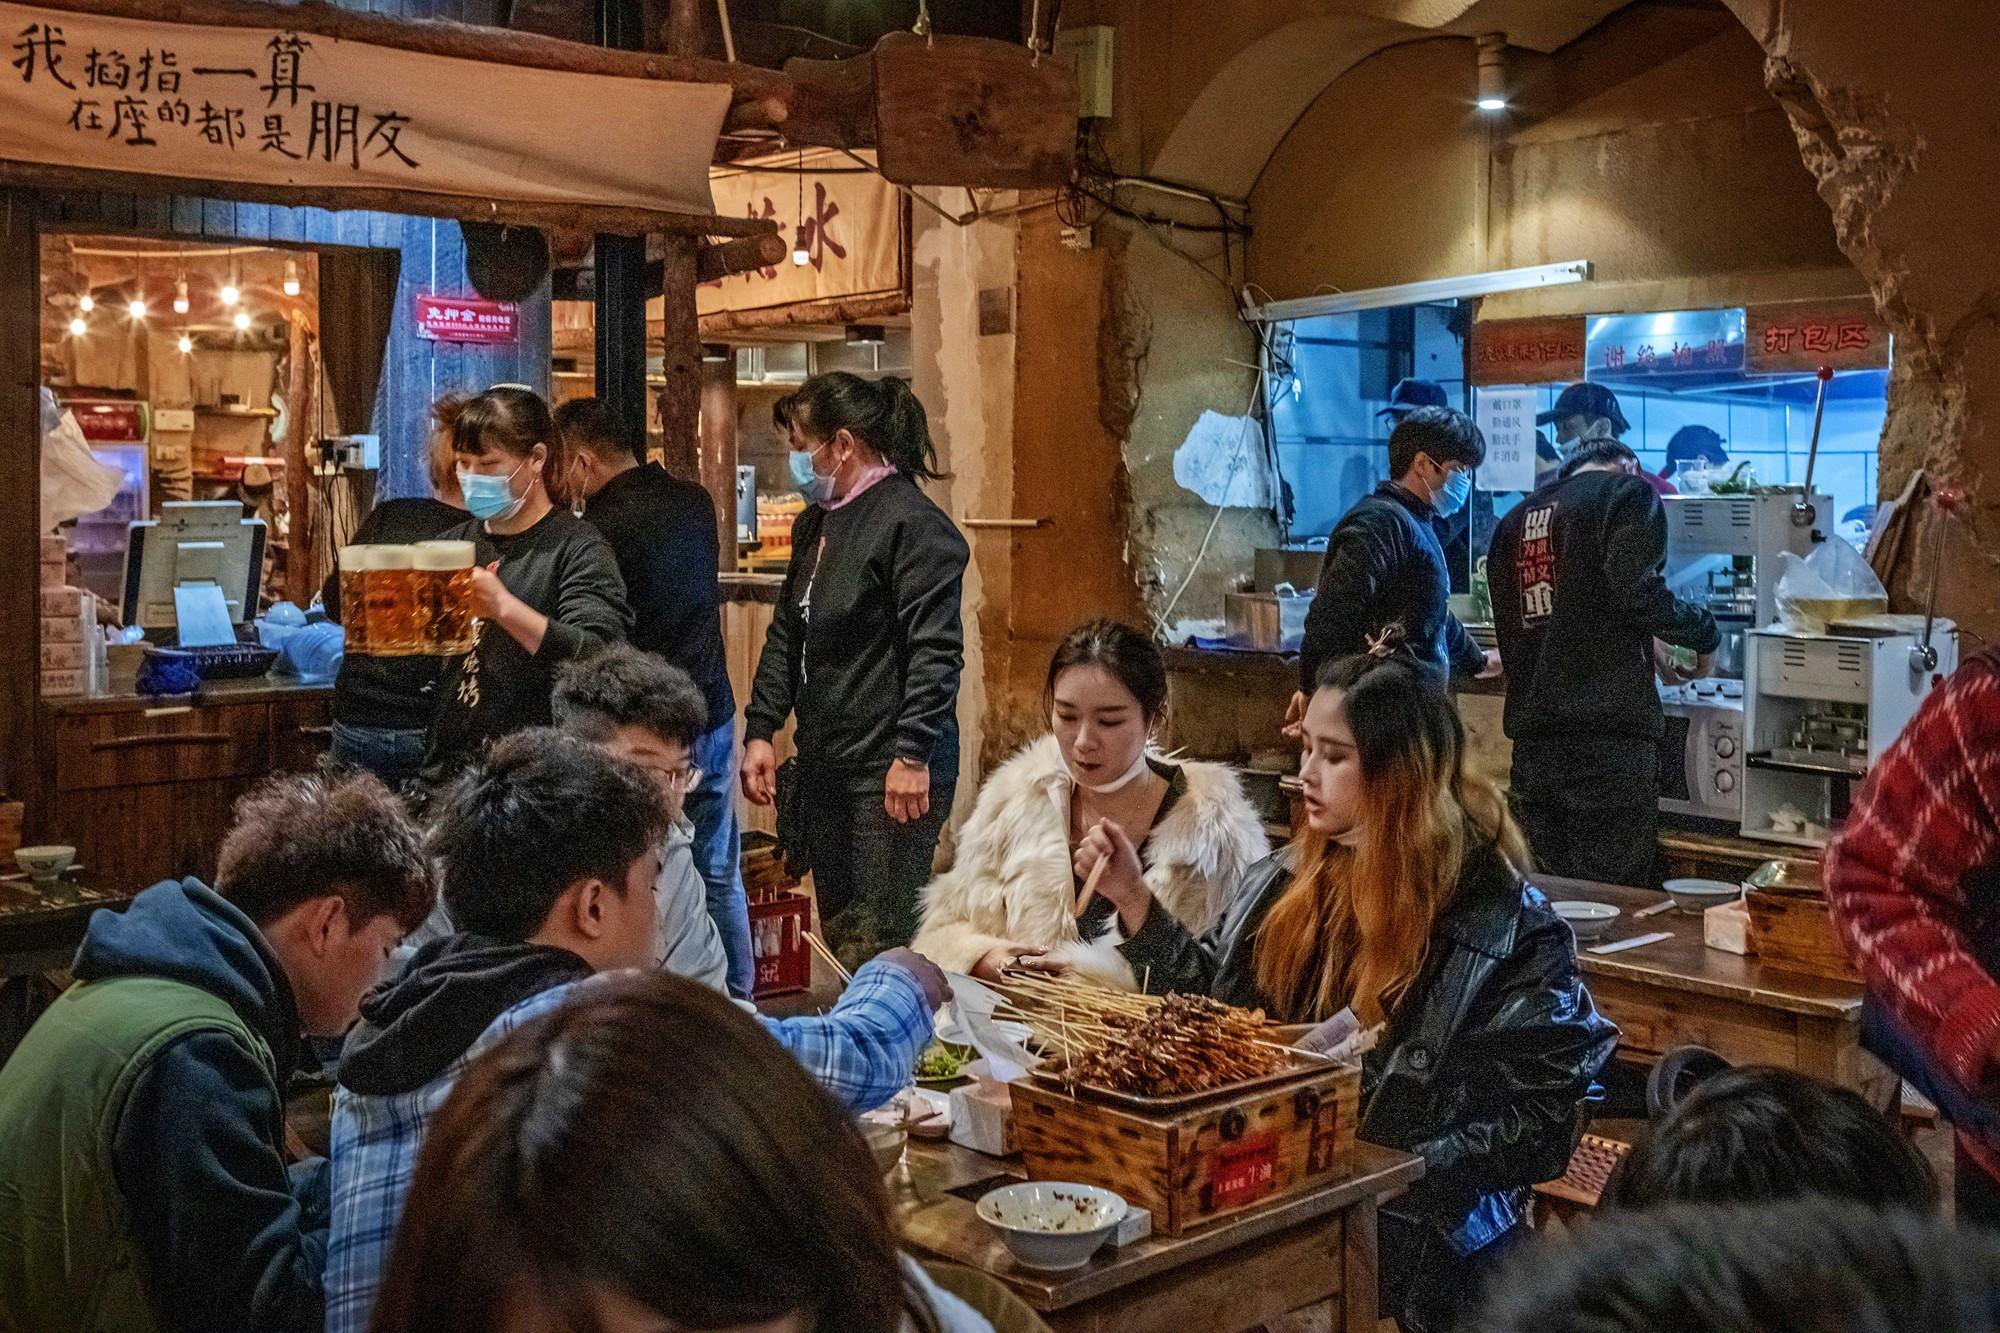 """【38号作品:裕南街夜市】 裕南街夜市,长沙夜宵""""圣地"""",早已名声在外,一处处老街、老店深受食客们青睐。"""